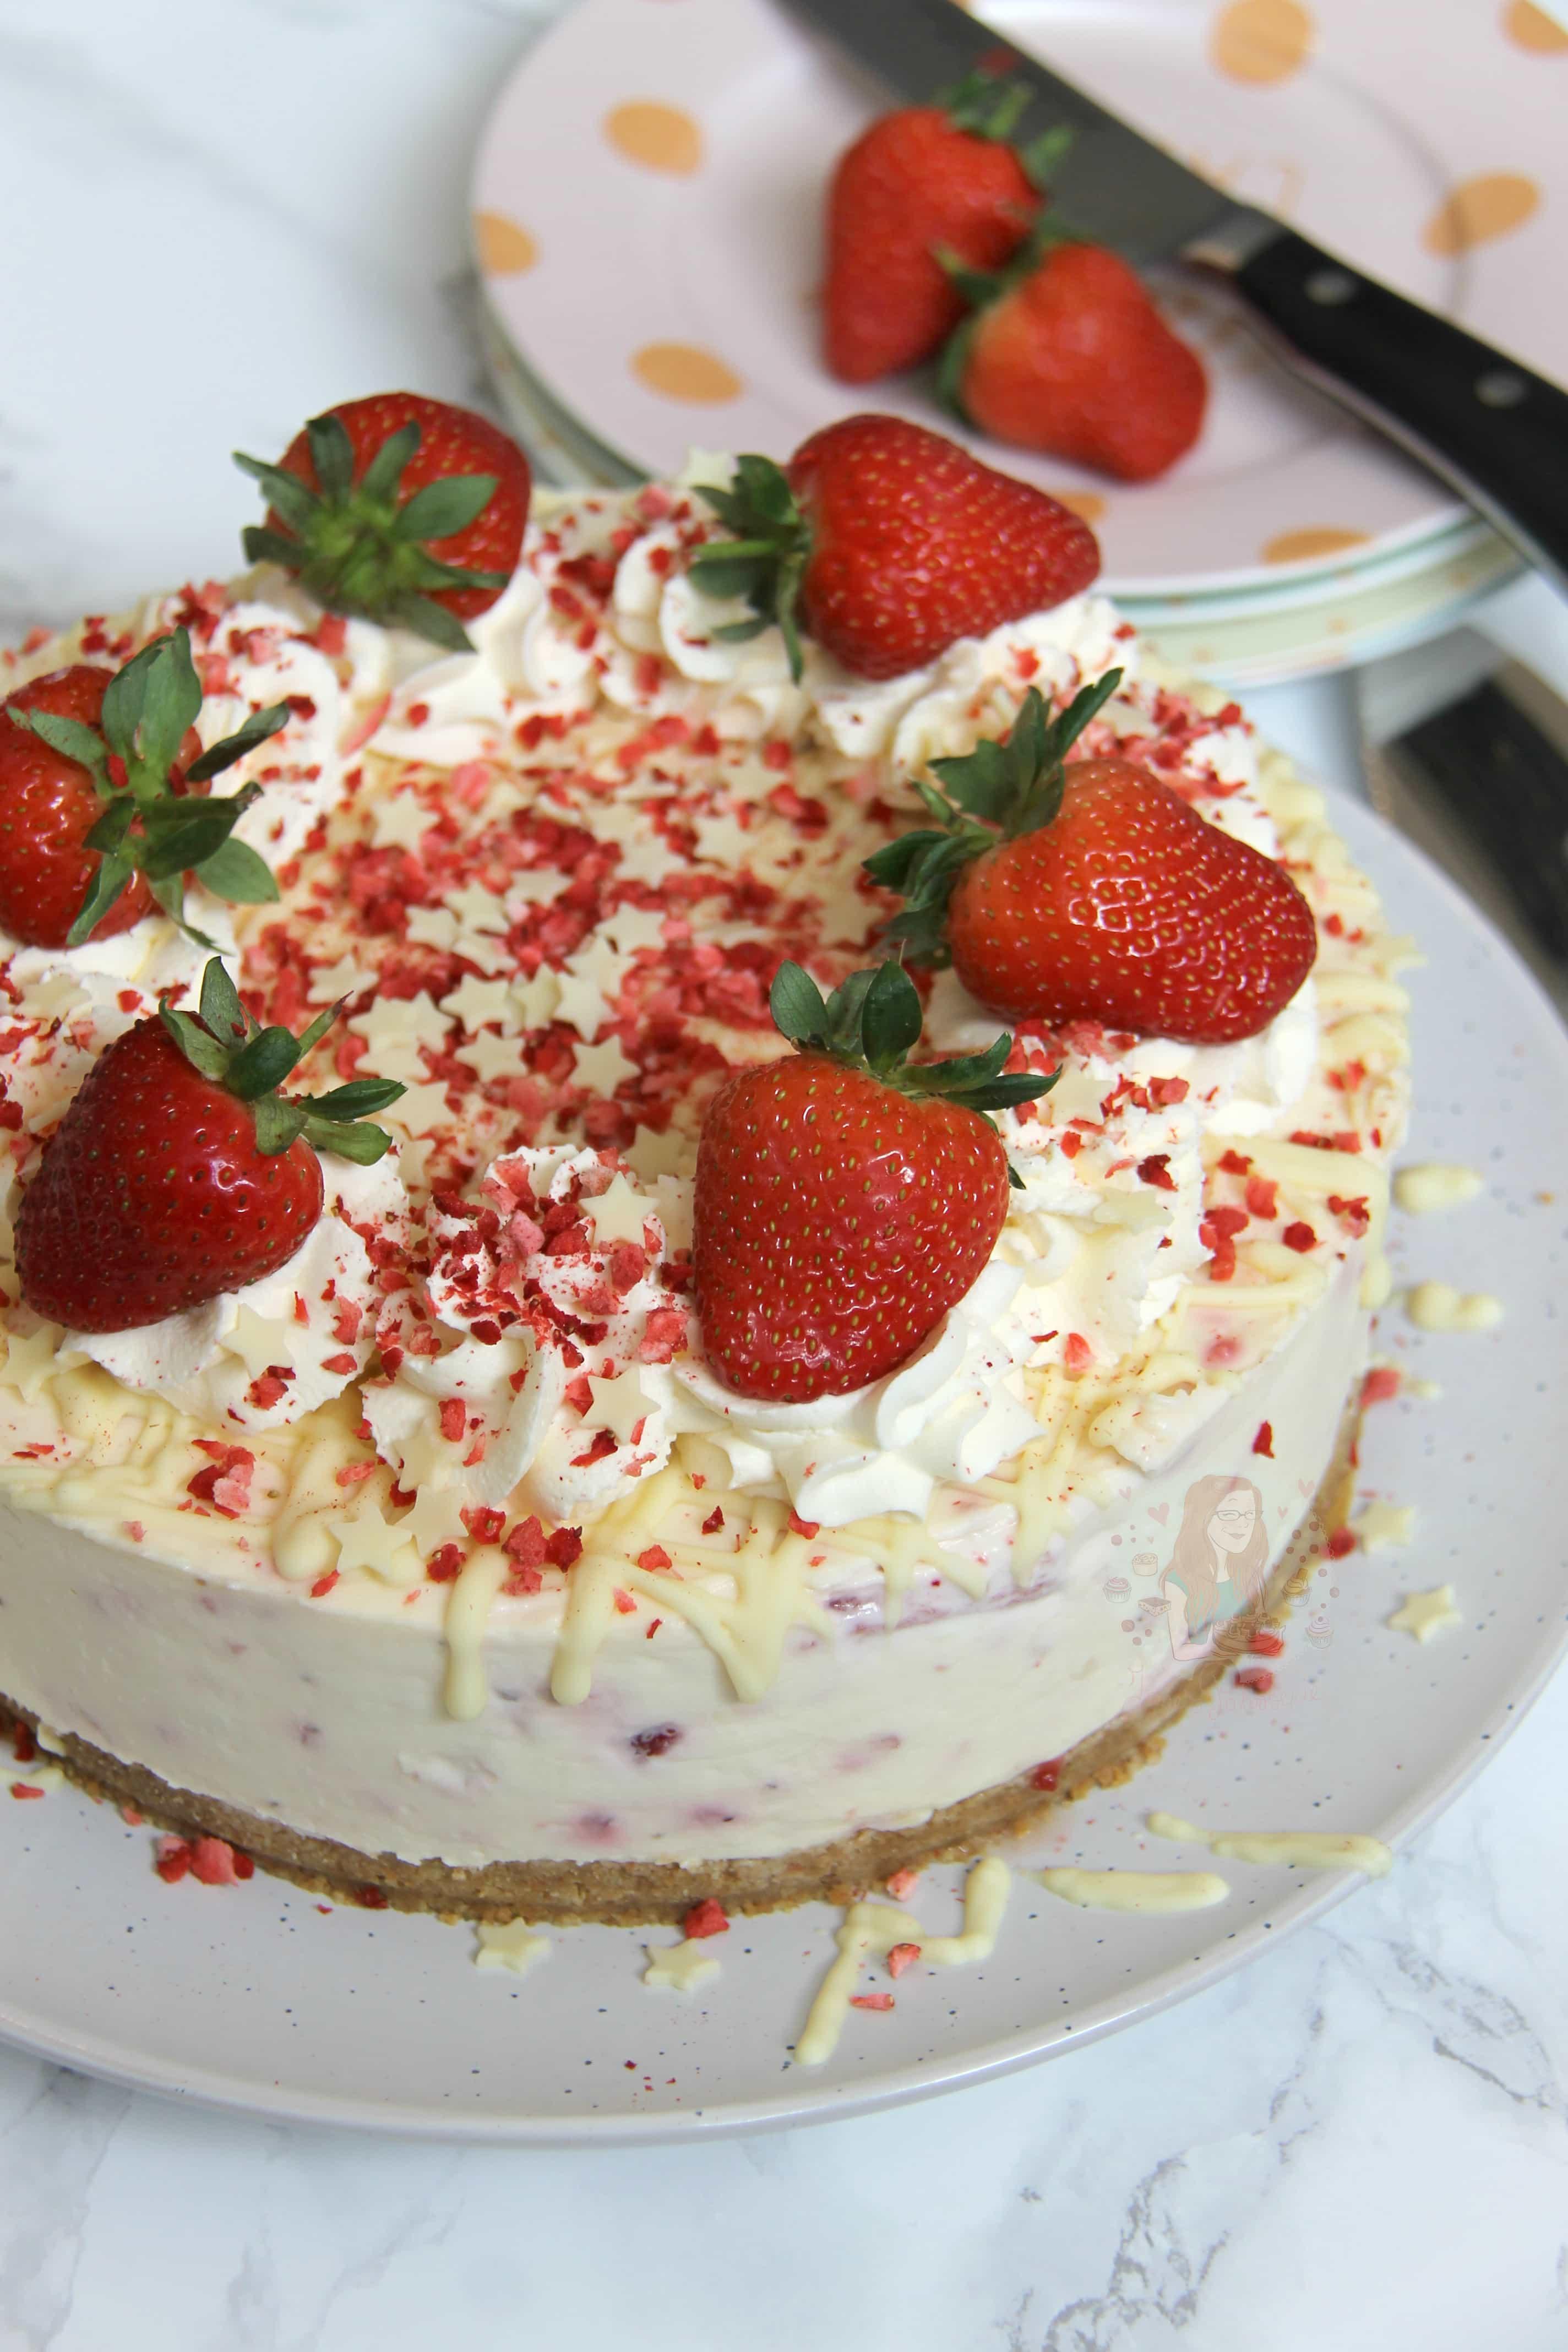 No-Bake White Chocolate & Strawberry Cheesecake! - Jane's Patisserie